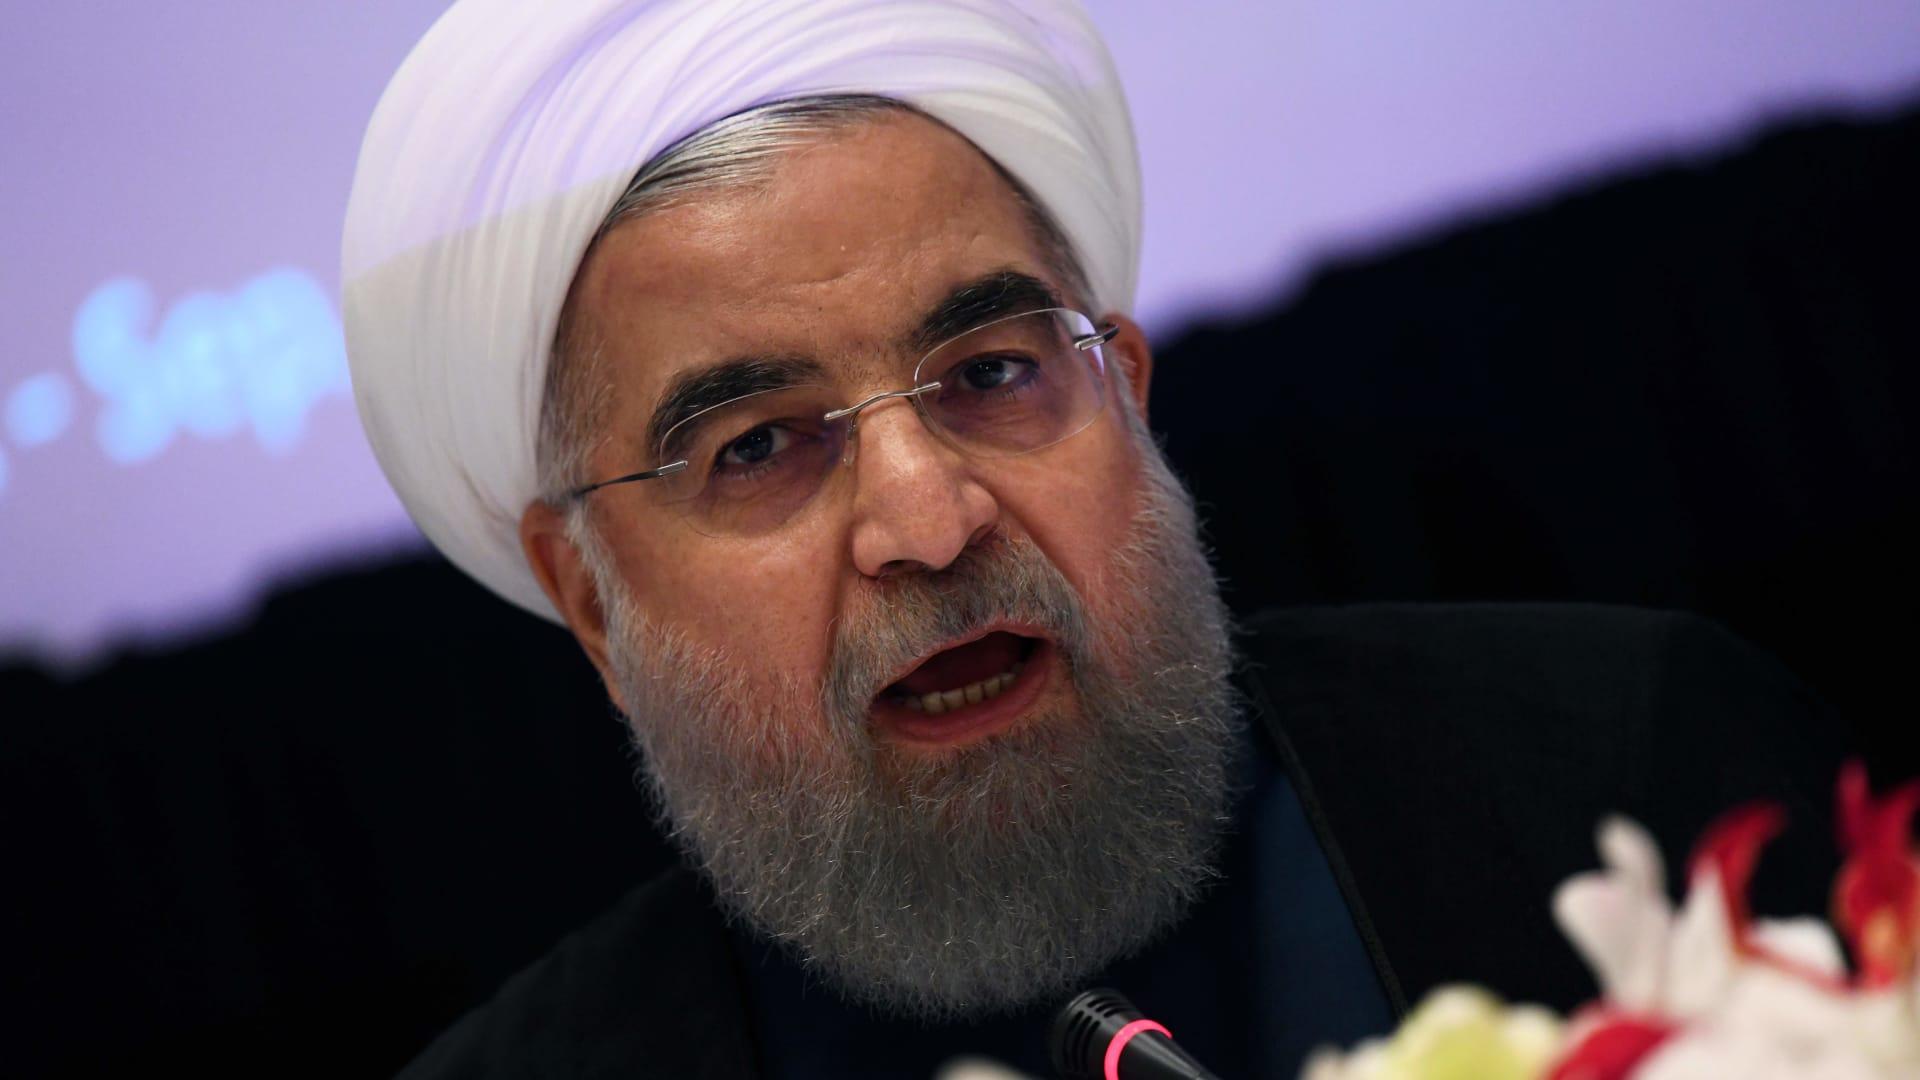 روحاني: صادرات النفط الإيراني لن تعتمد على مضيق هرمز والخليج